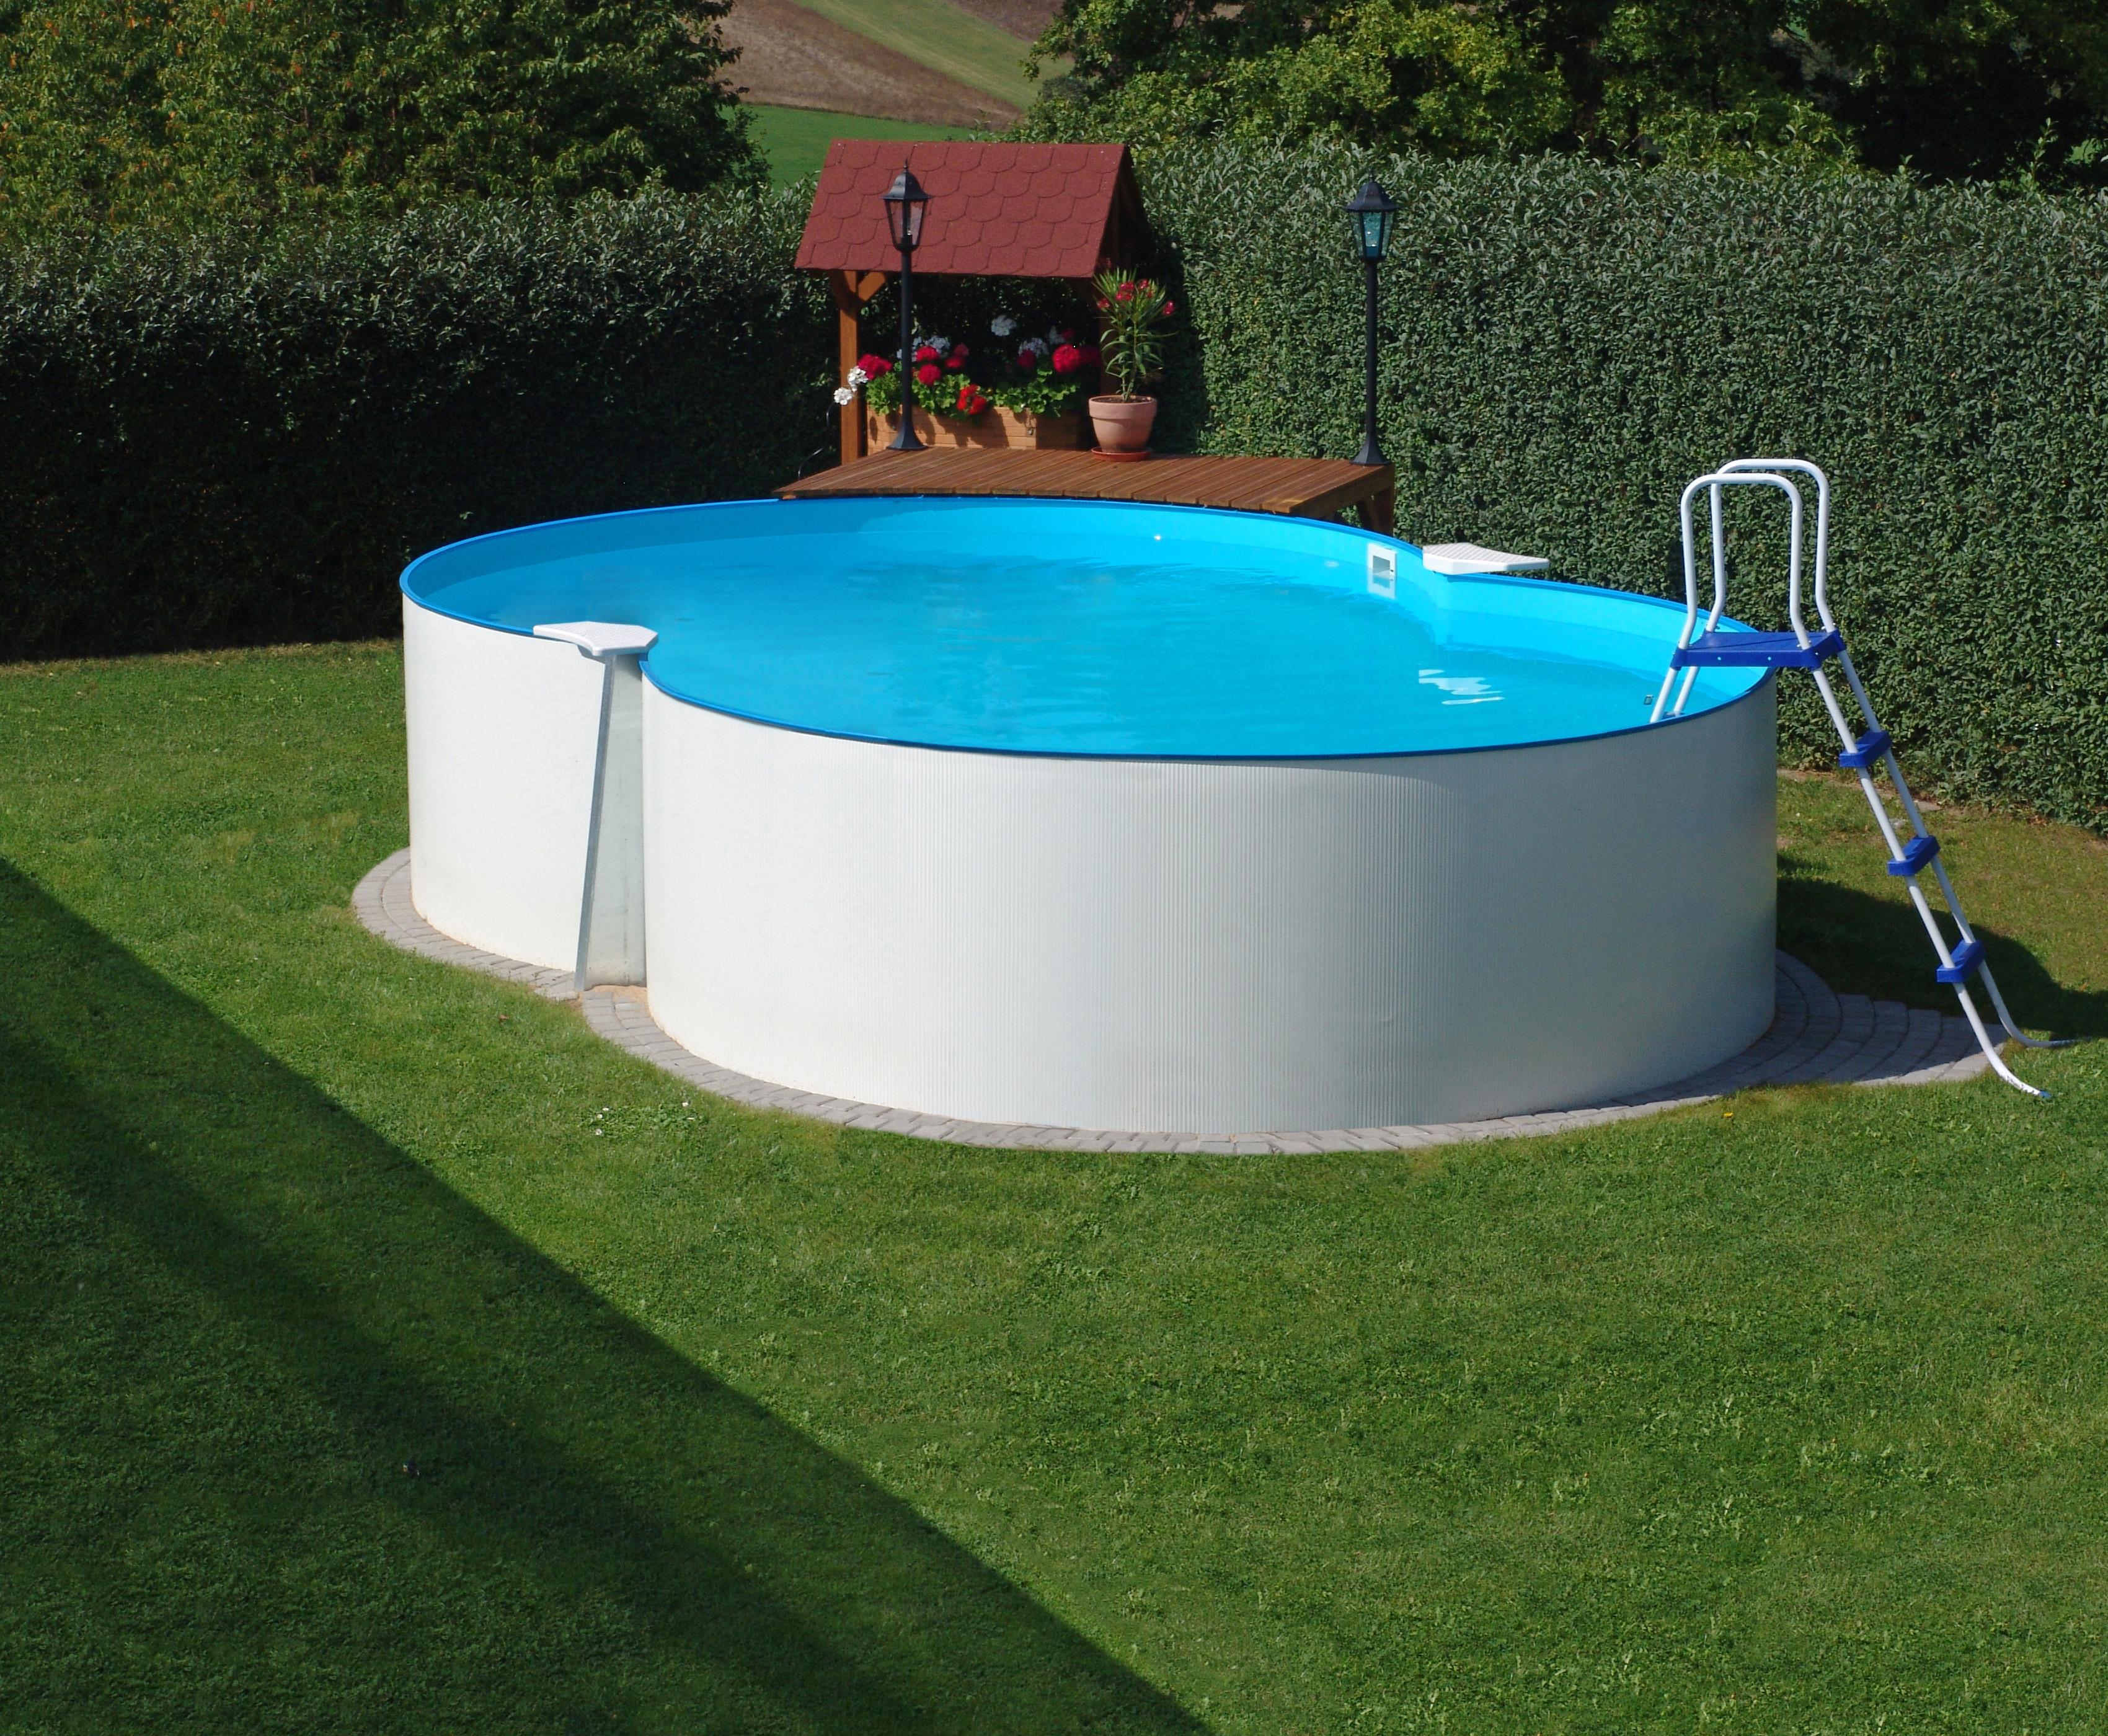 pool schwimmbecken achtform 1 20m tief f r schwimmbad und pool. Black Bedroom Furniture Sets. Home Design Ideas